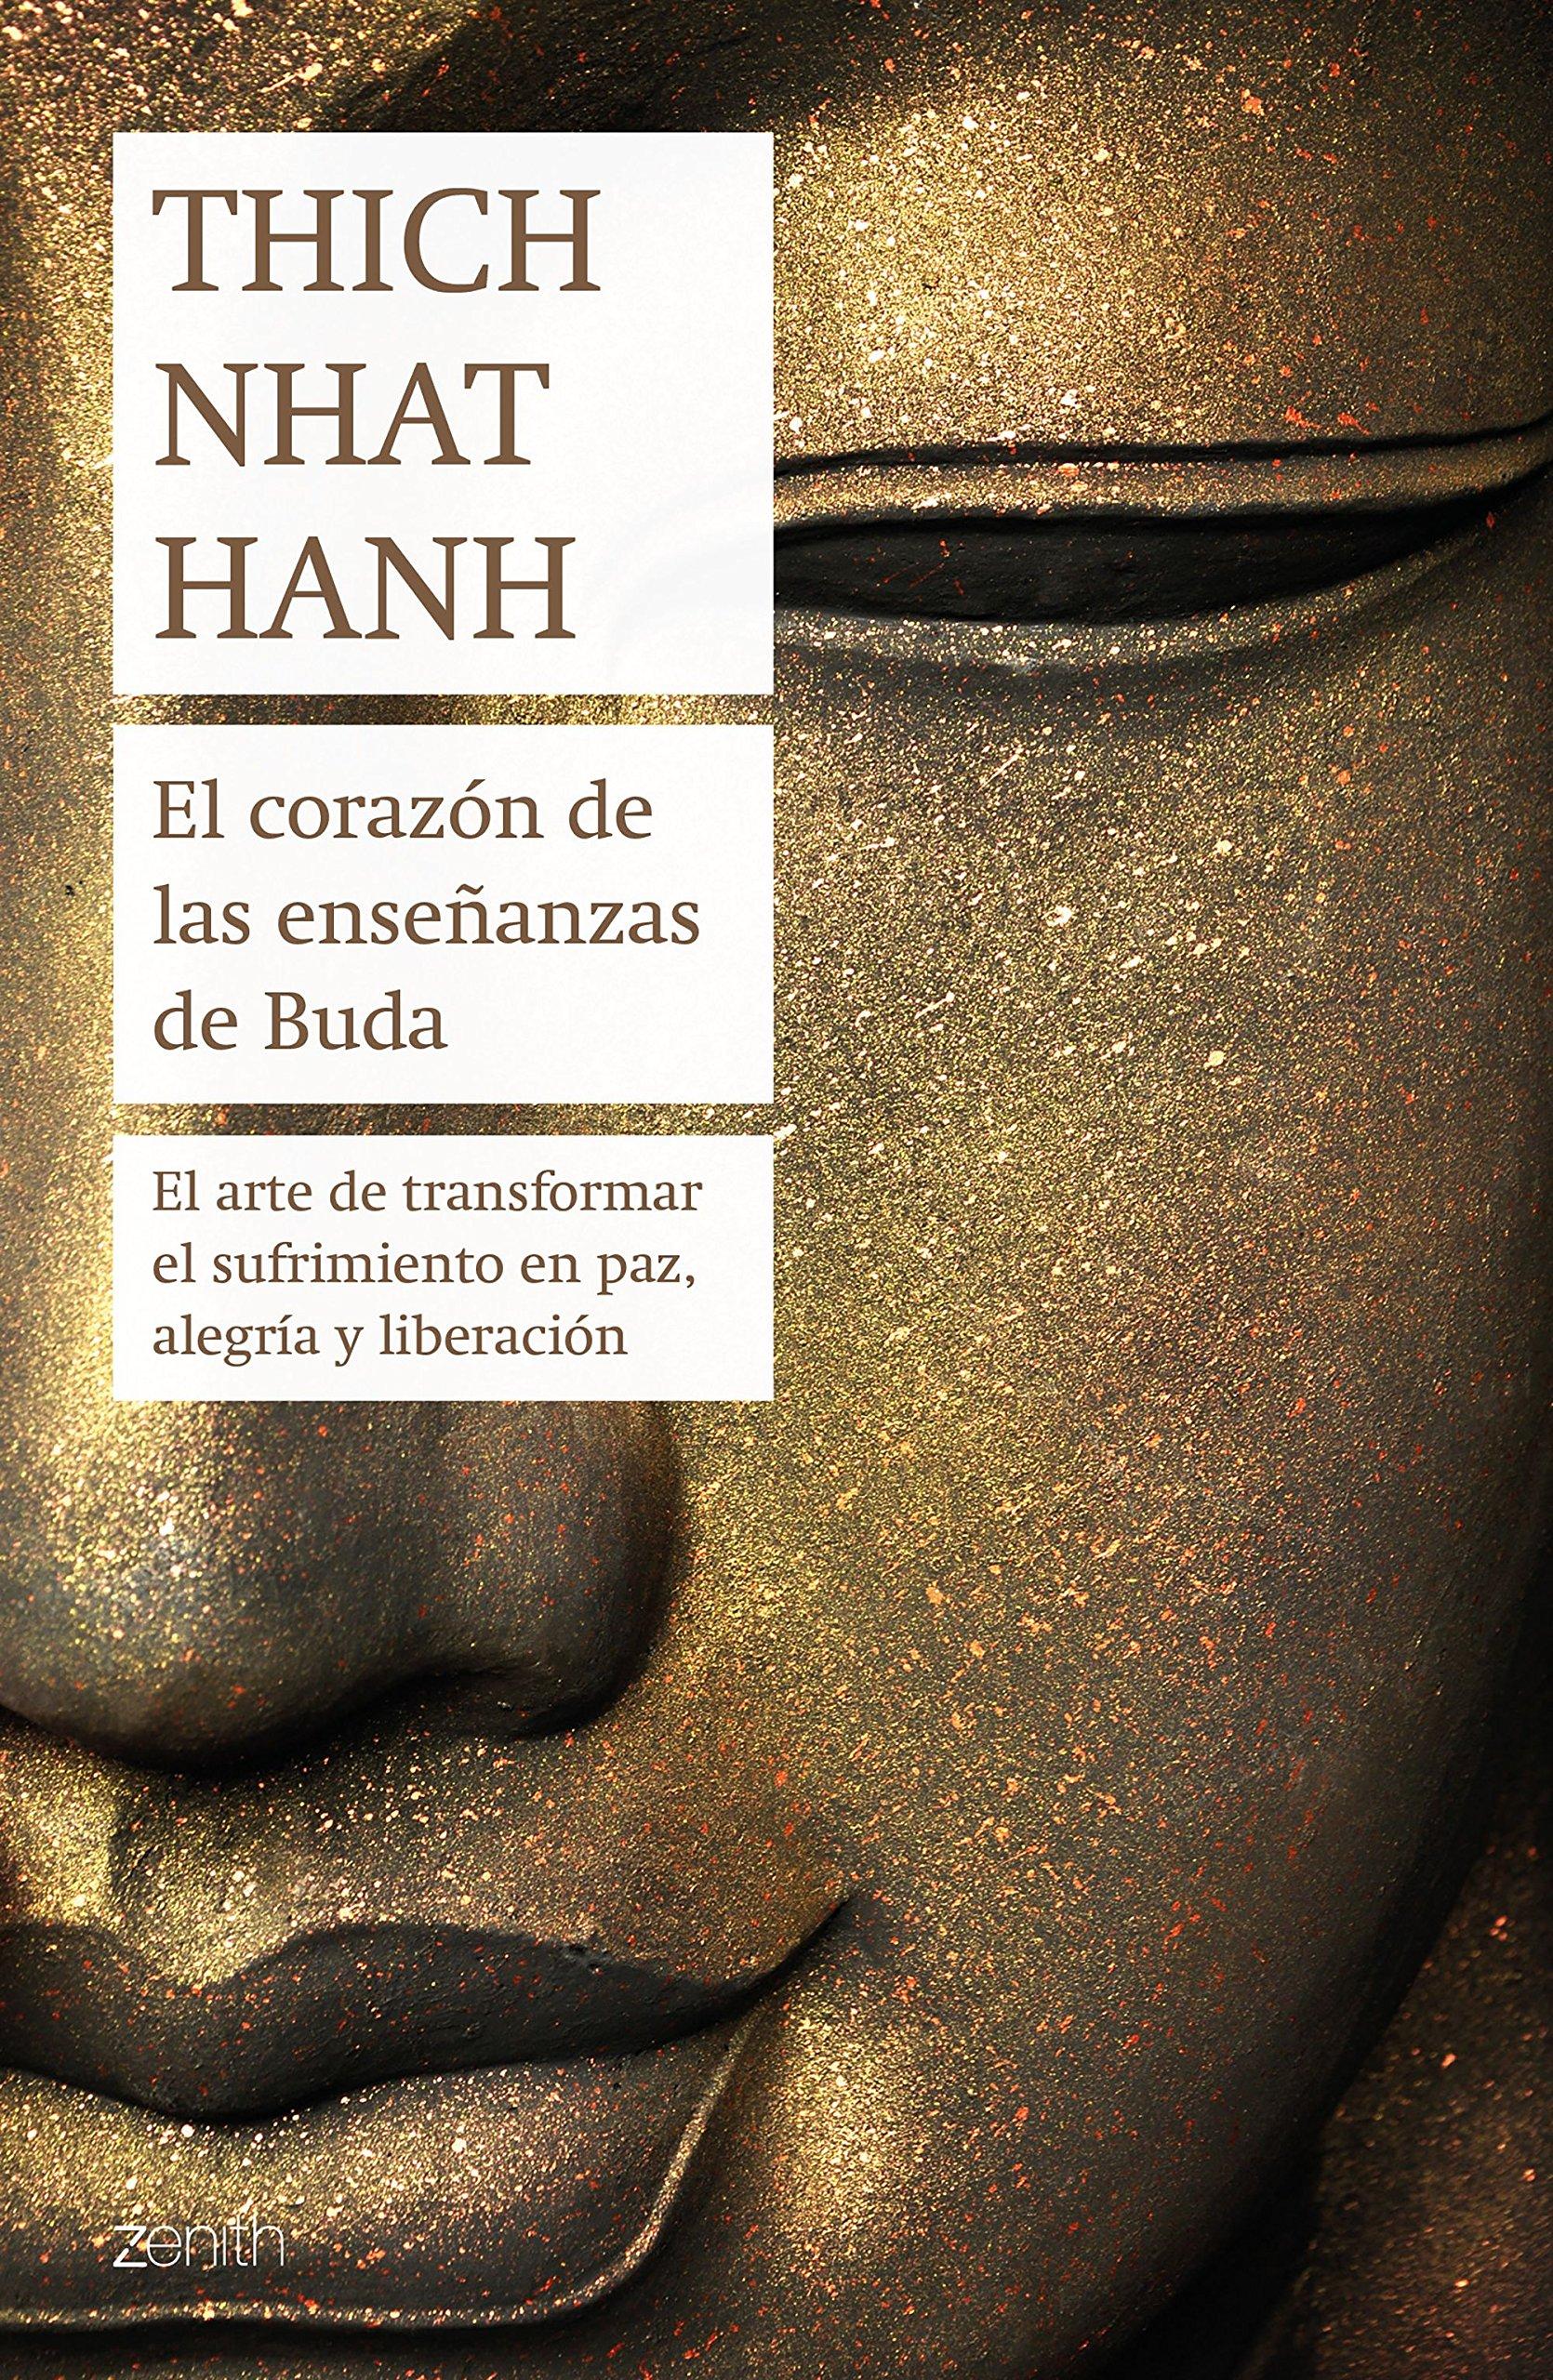 El corazón de las enseñanzas de Buda: El arte de transformar el sufrimiento en paz, alegría y liberación (Biblioteca Thich Nhat Hanh) Tapa blanda – 30 ene 2018 Núria Martí Zenith 8408180967 Buddhism